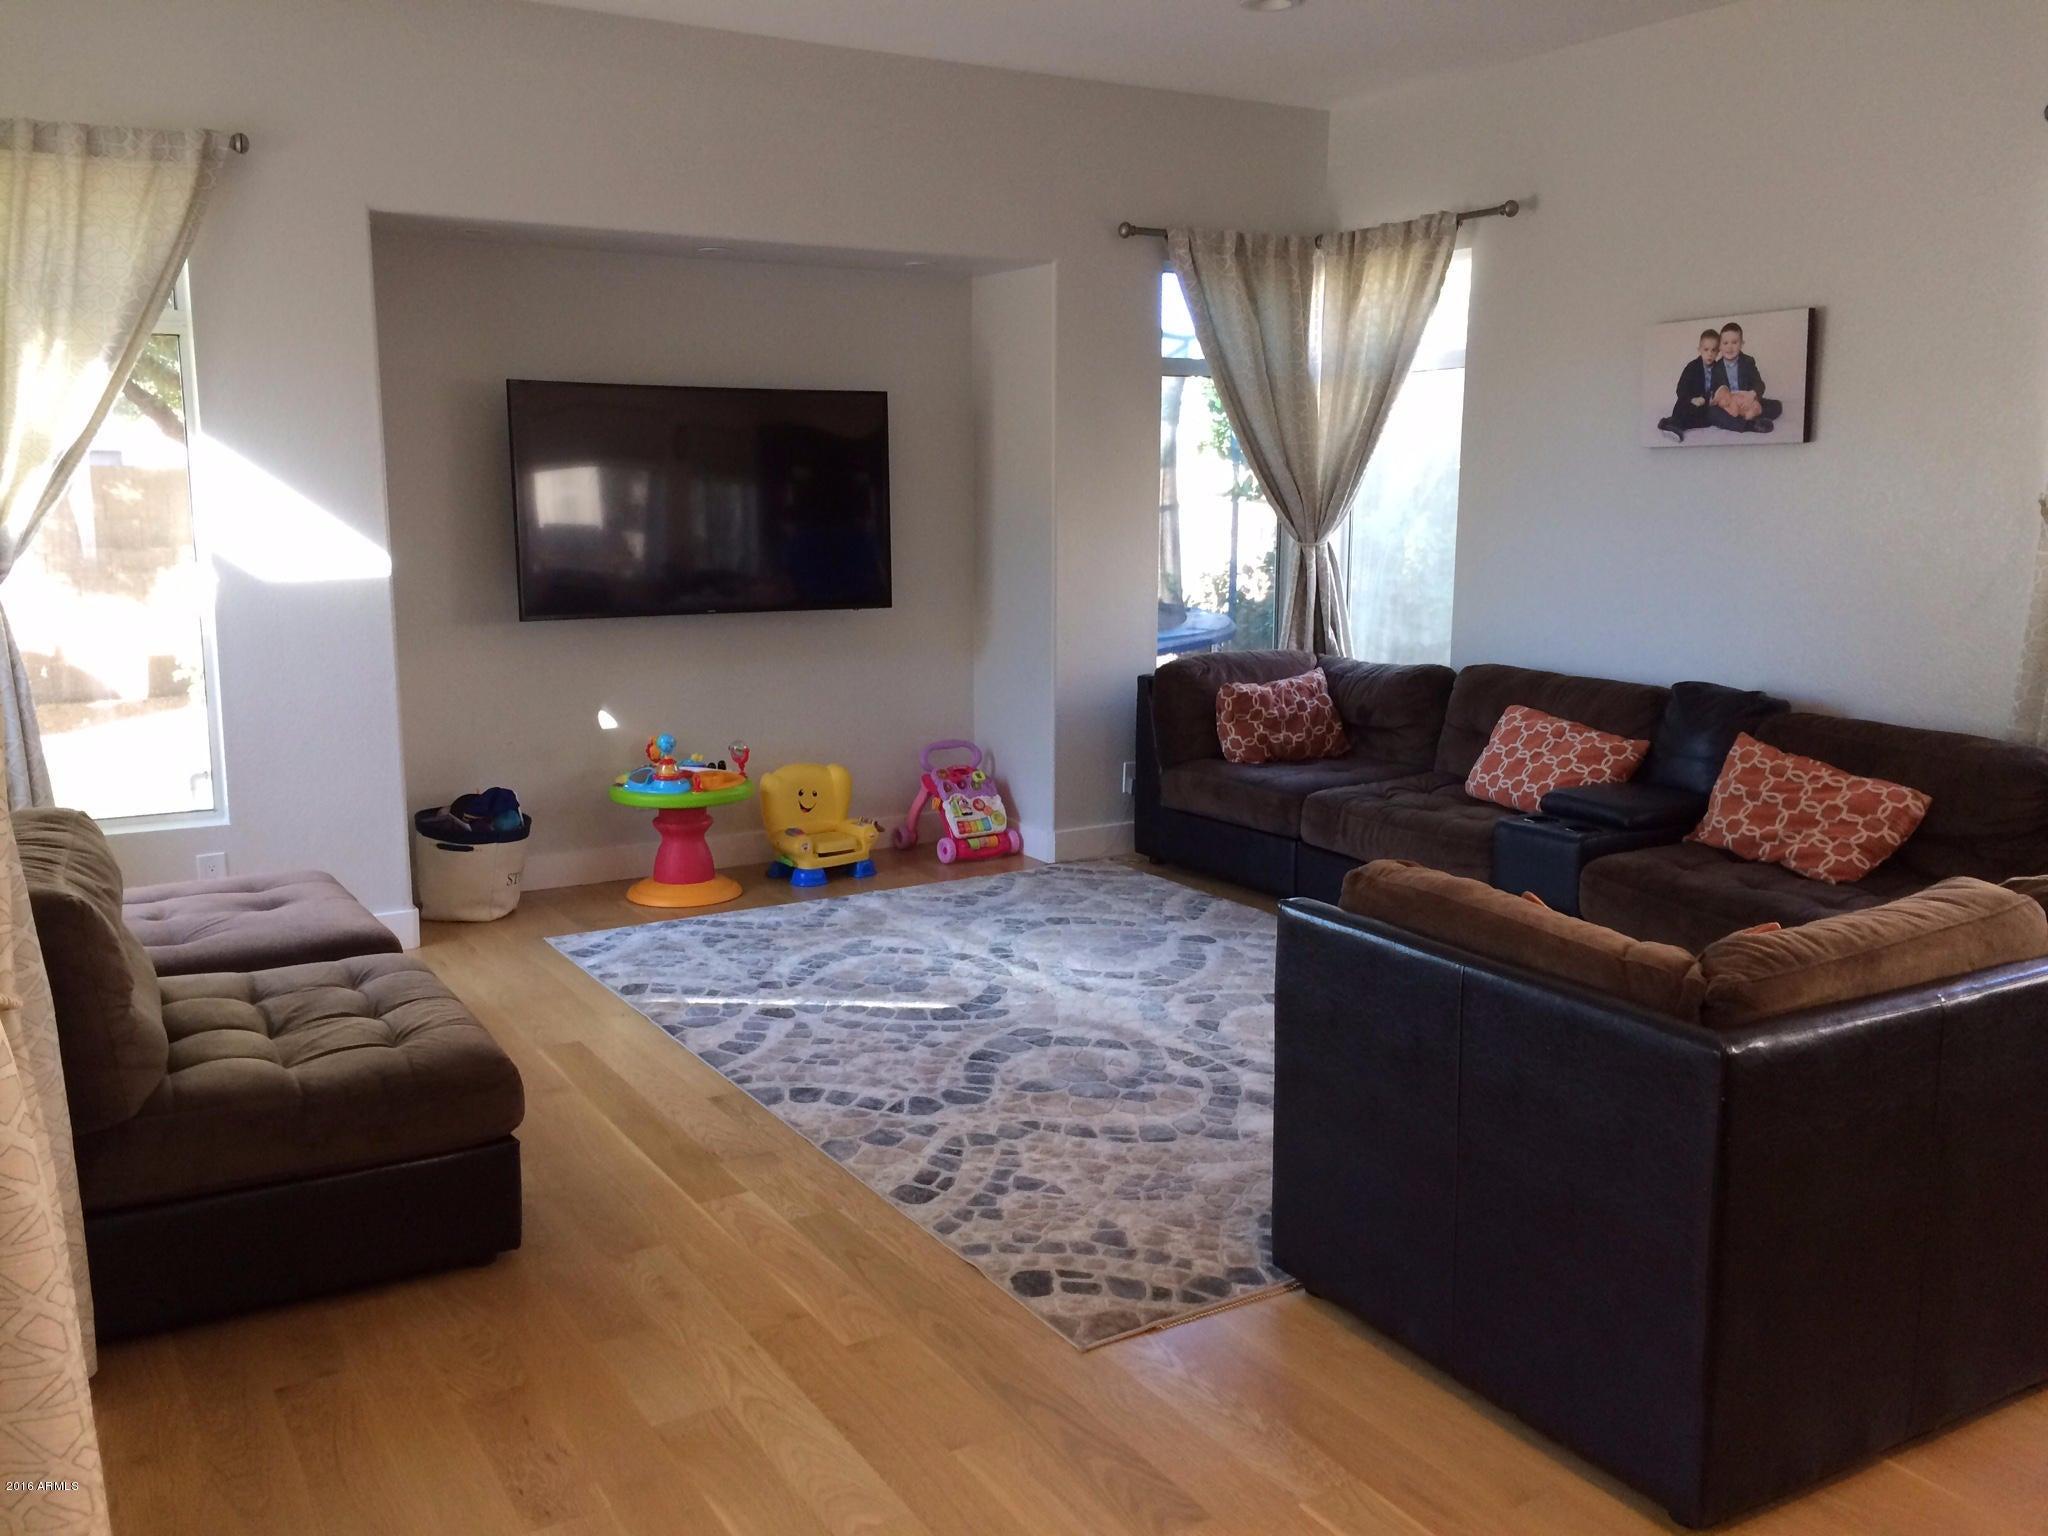 $399,500 - 4Br/2Ba - Home for Sale in Hillcrest Ranch Parcel F & H, Glendale